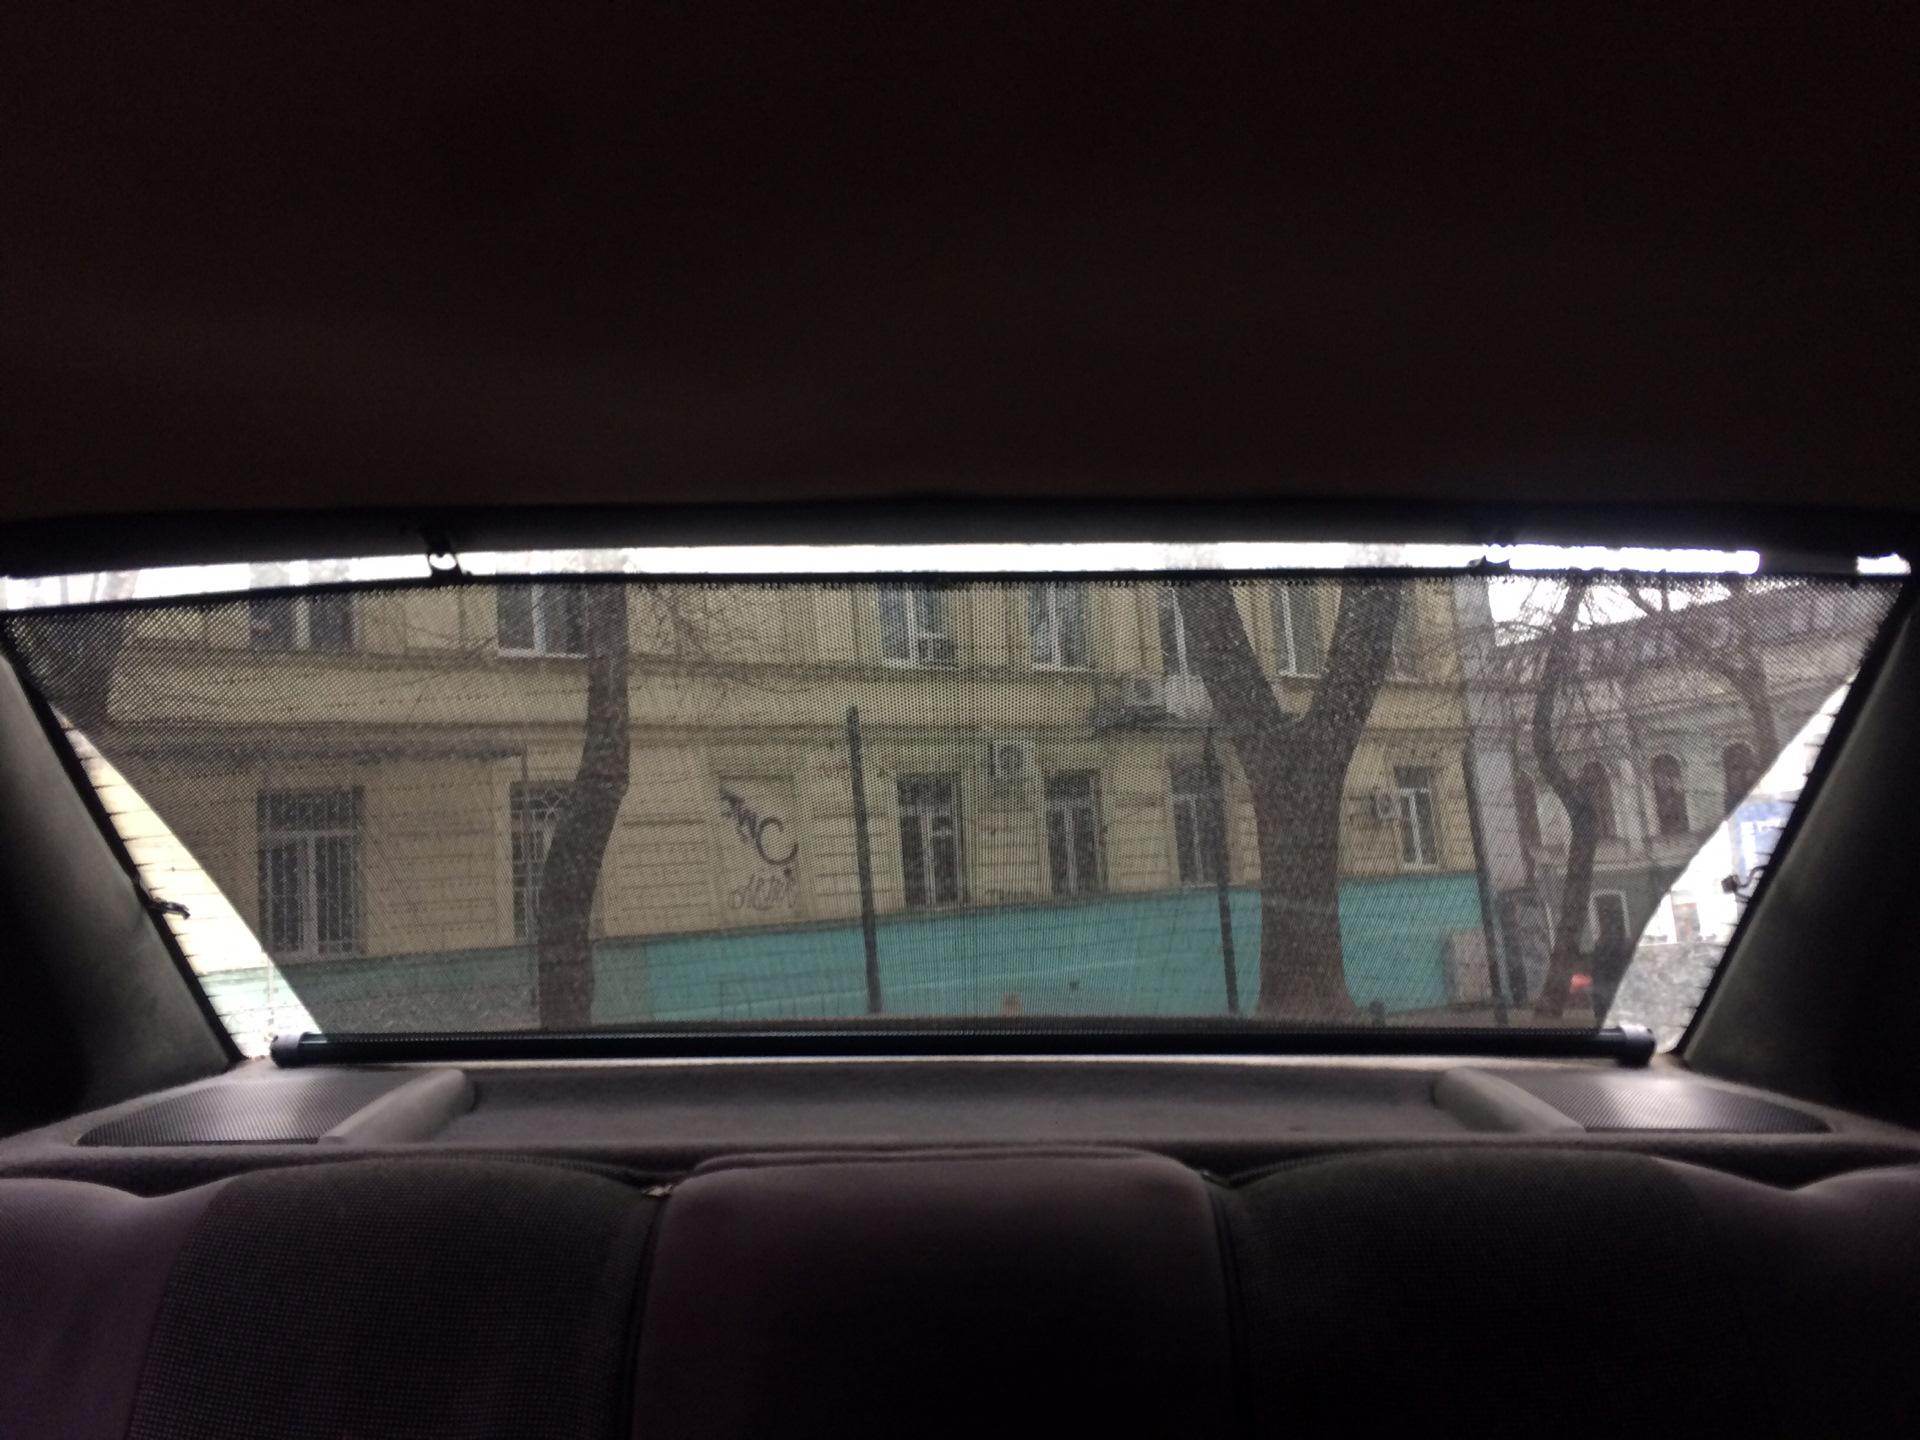 катастрофа шторки на заднее стекла с картинками вспоминает, что сразу